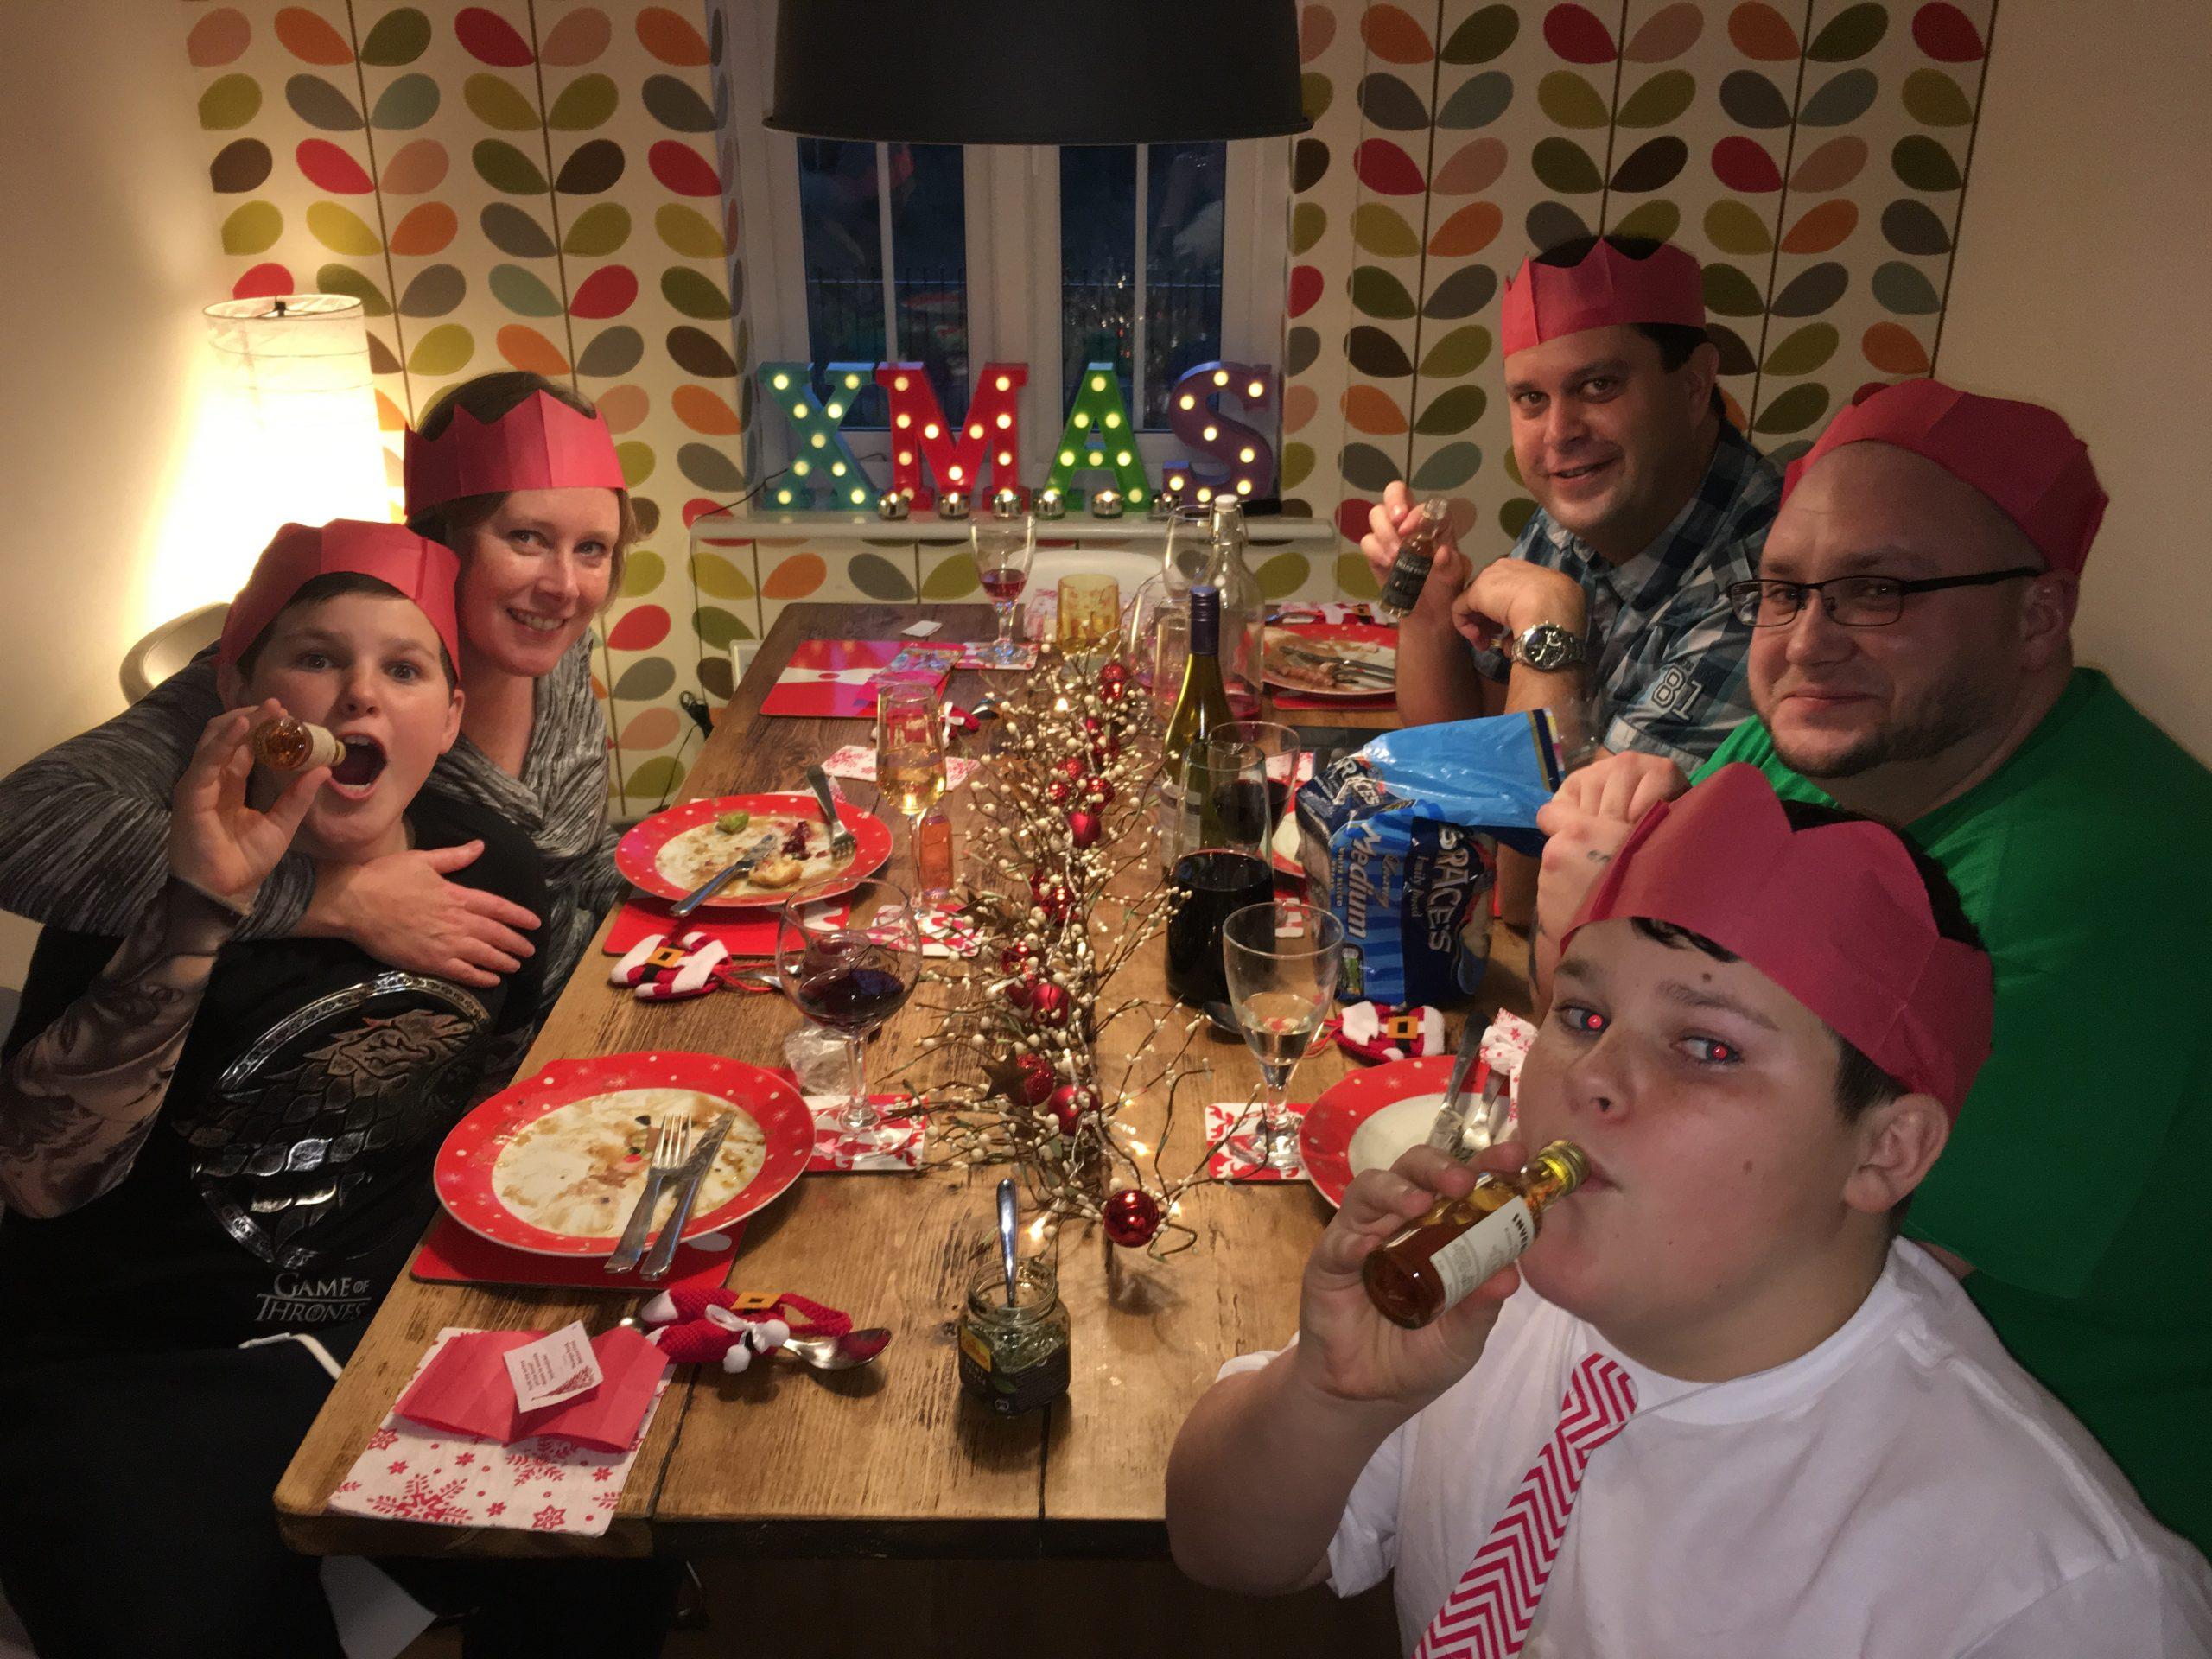 Dan, Elaine, Myles, Zak and Jon